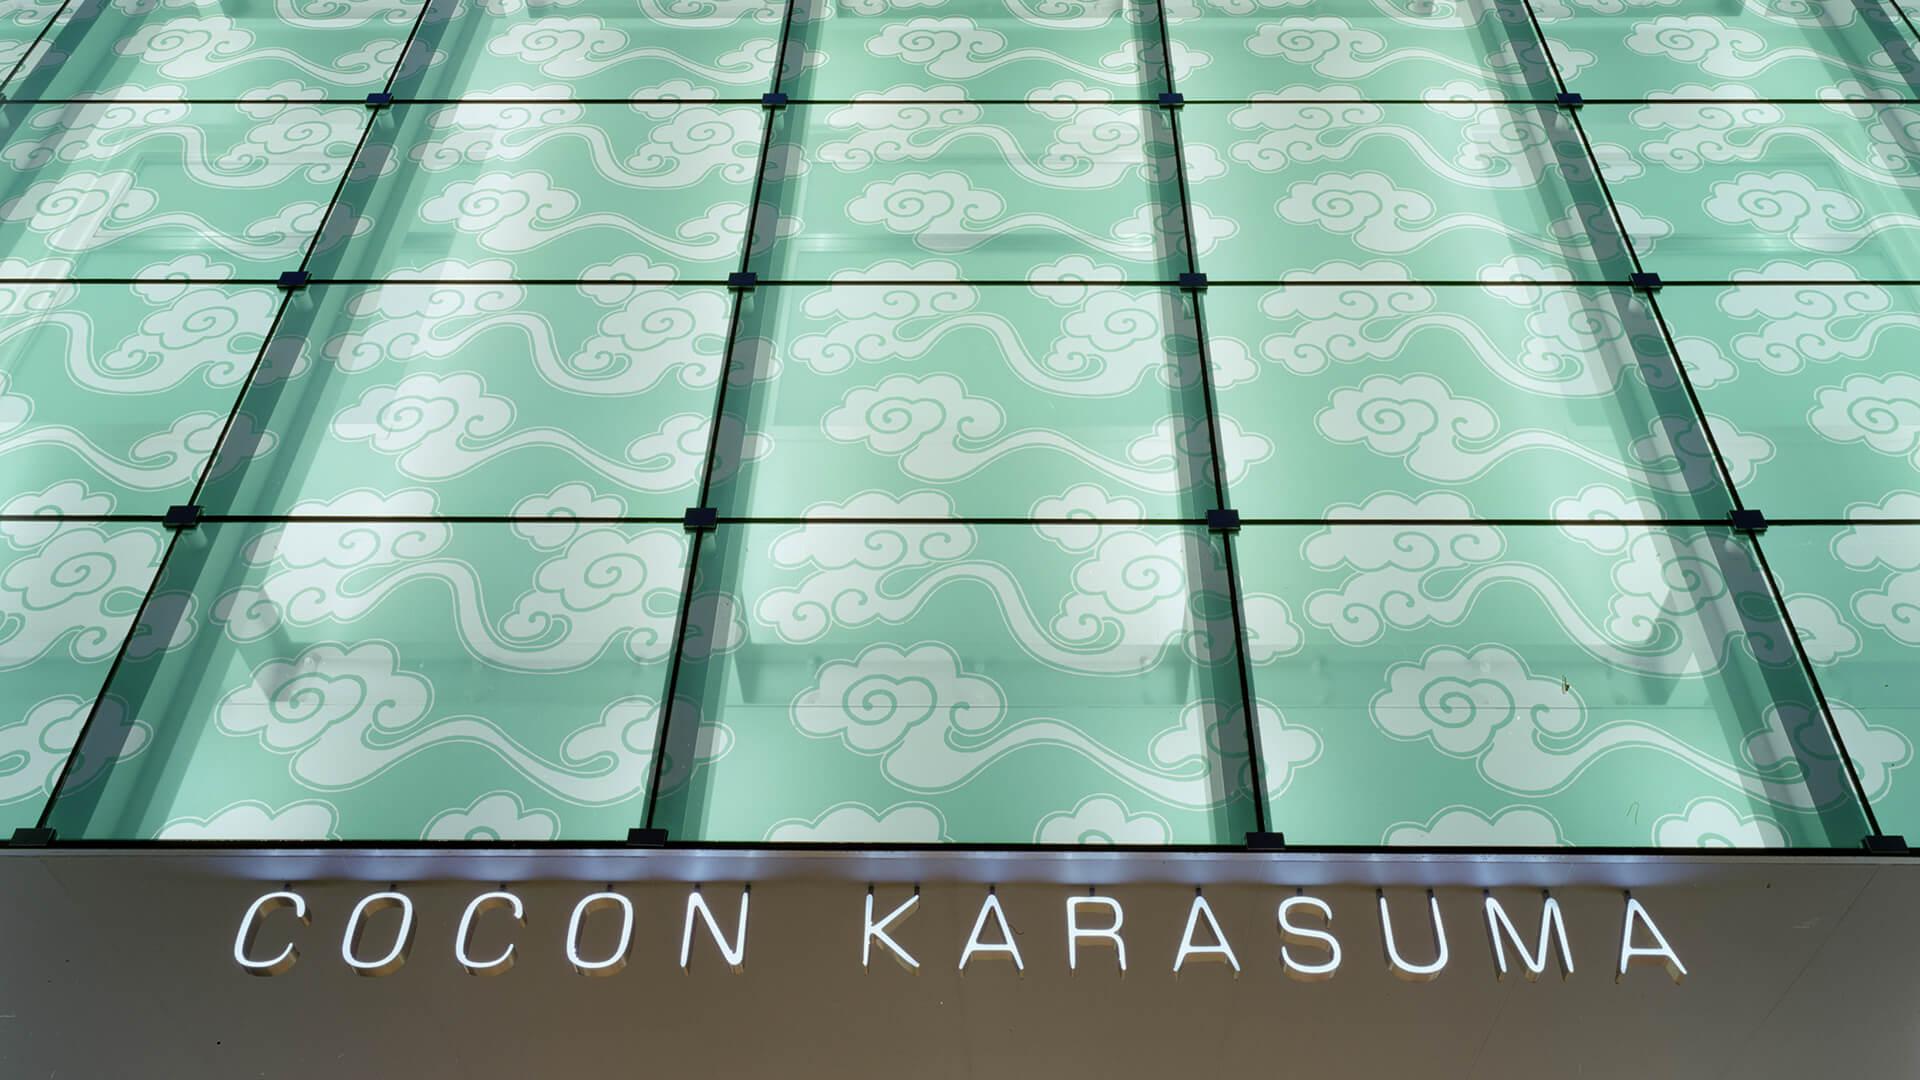 COCON KARASUMA